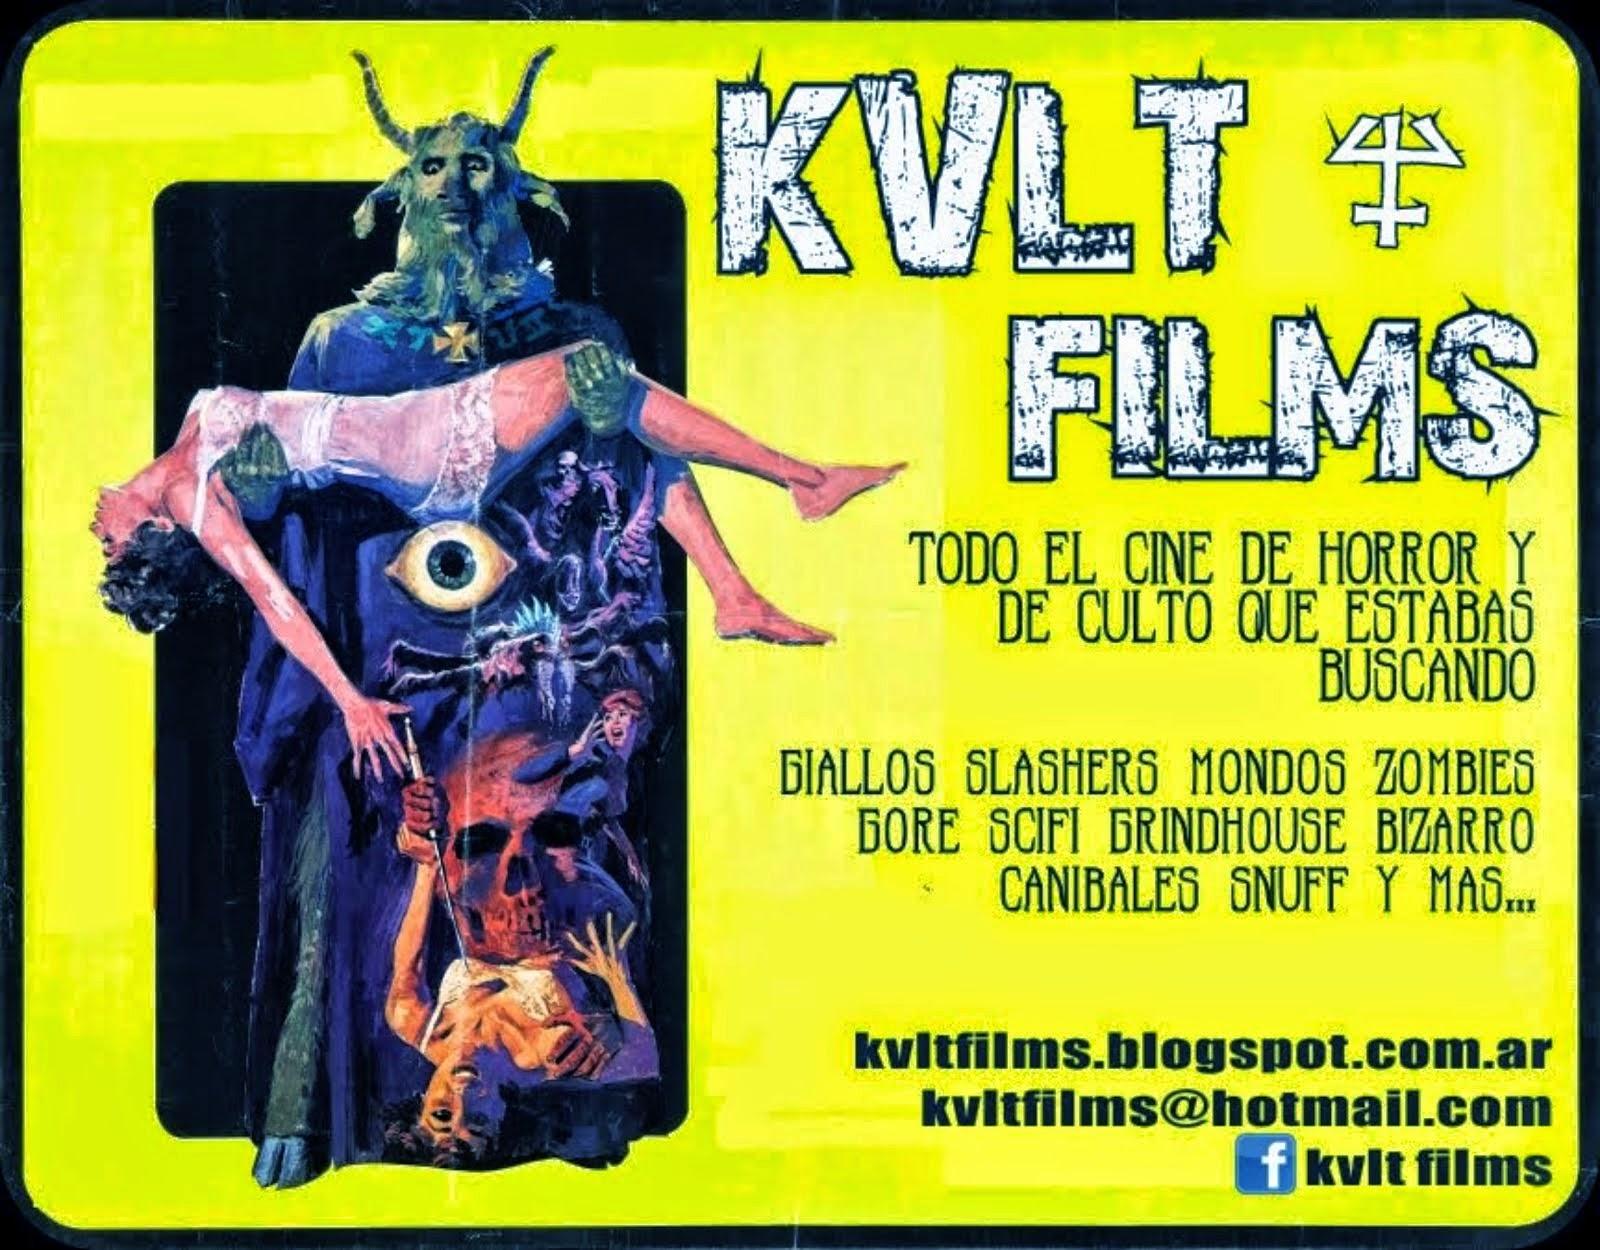 - KVLT FILMS -